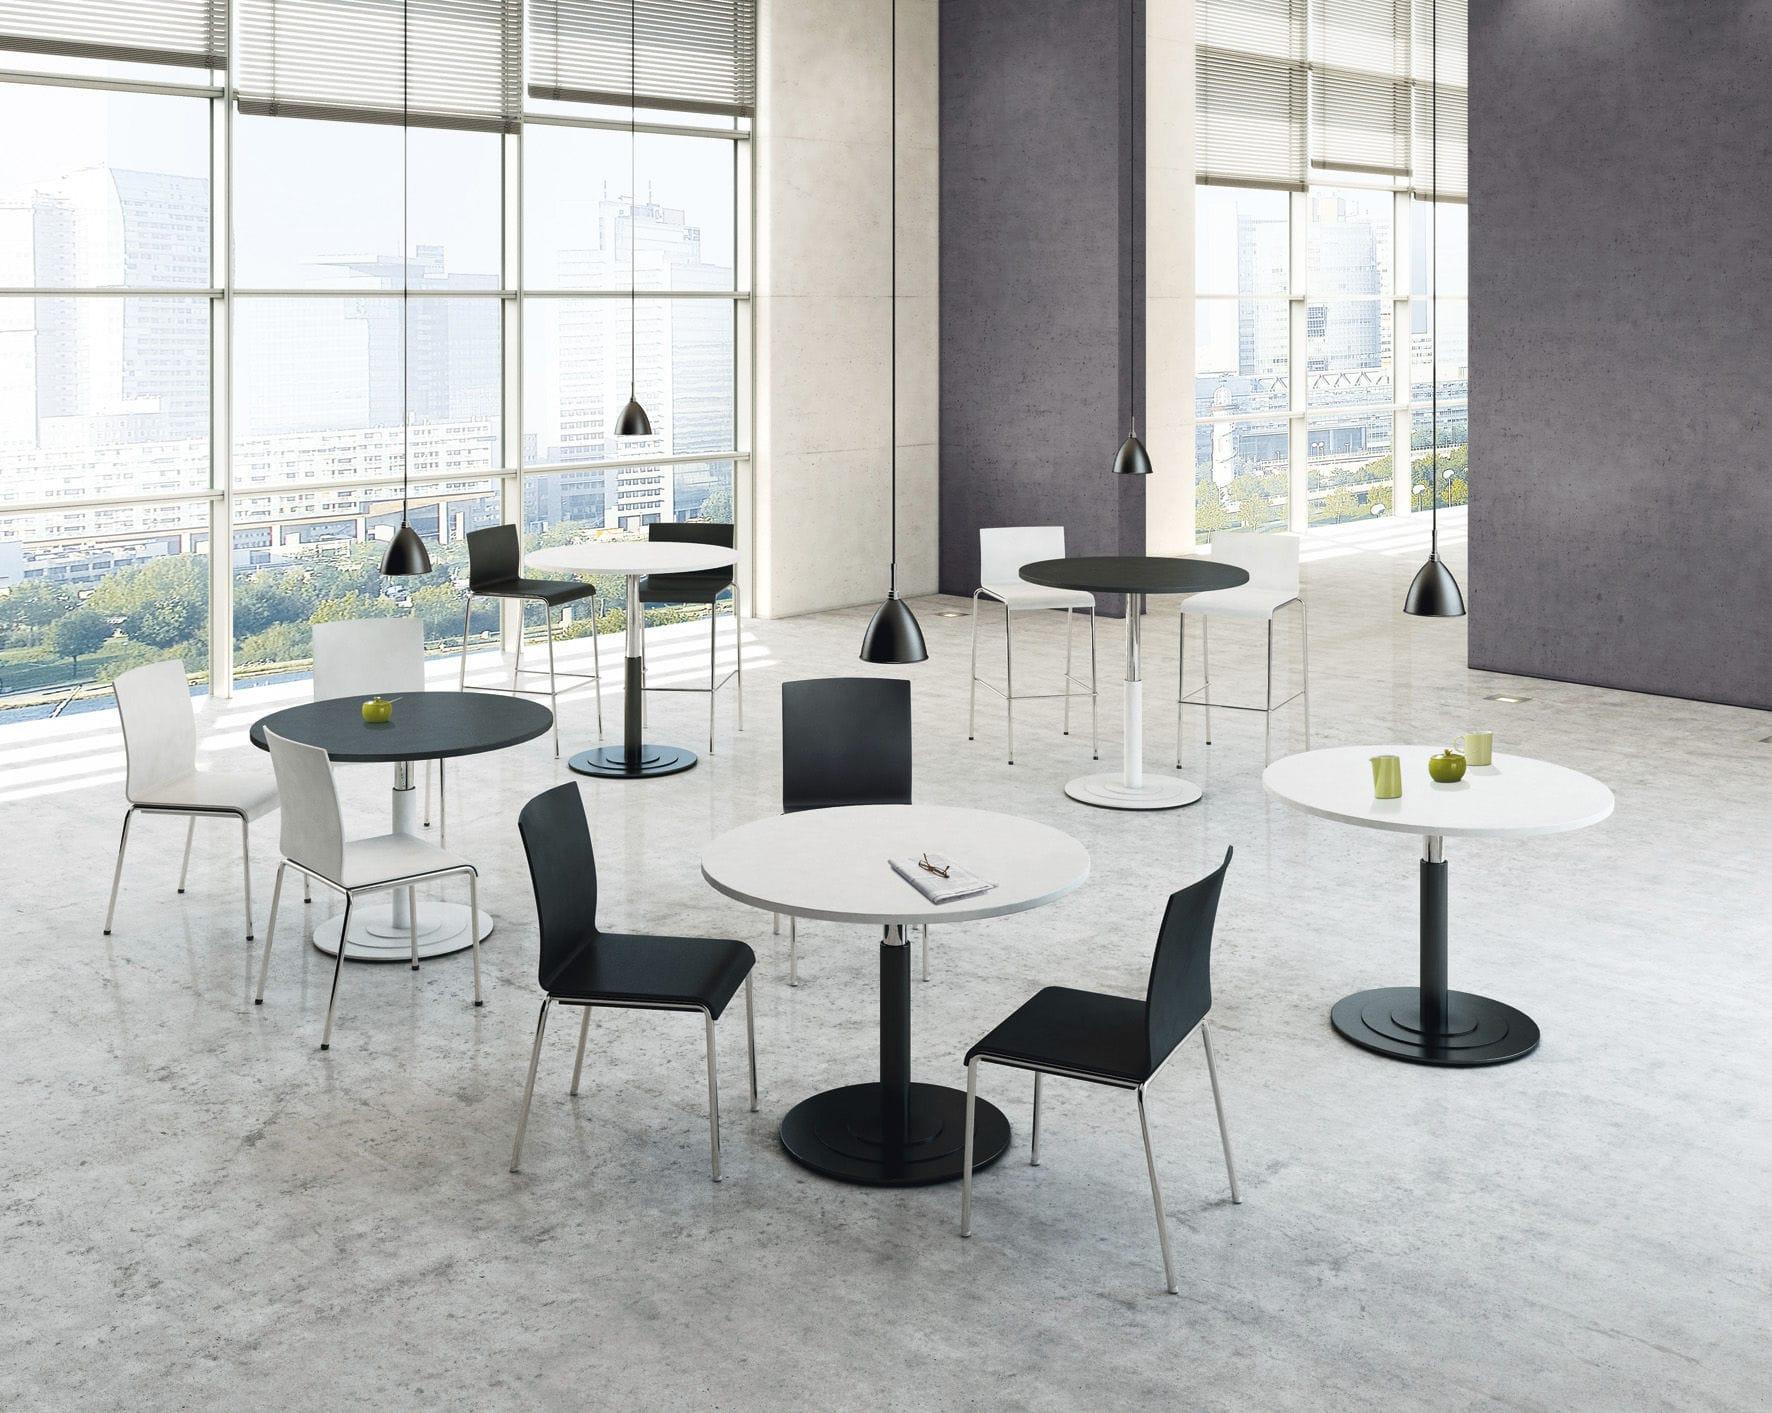 Moderne modulare büromöbel  Moderner Besprechungstisch / Holz / rund / modulierbar - PONTIS ...